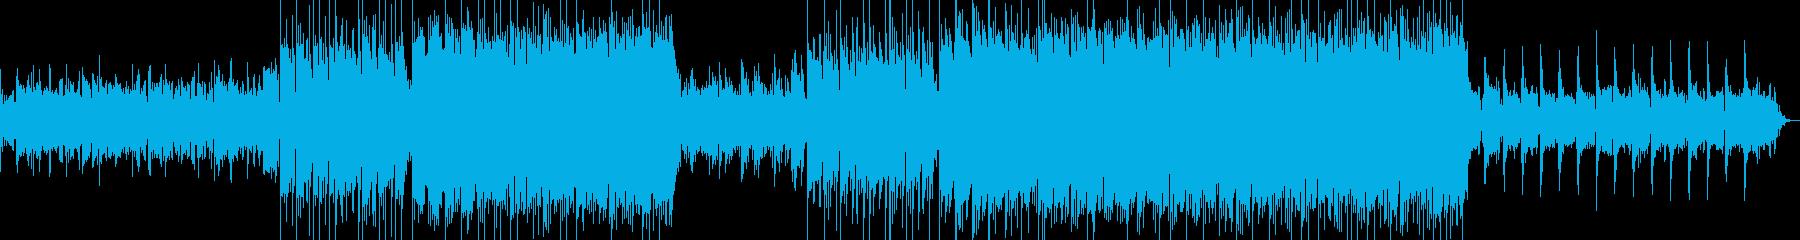 ピアノの旋律が心に染みる切ないバラードの再生済みの波形